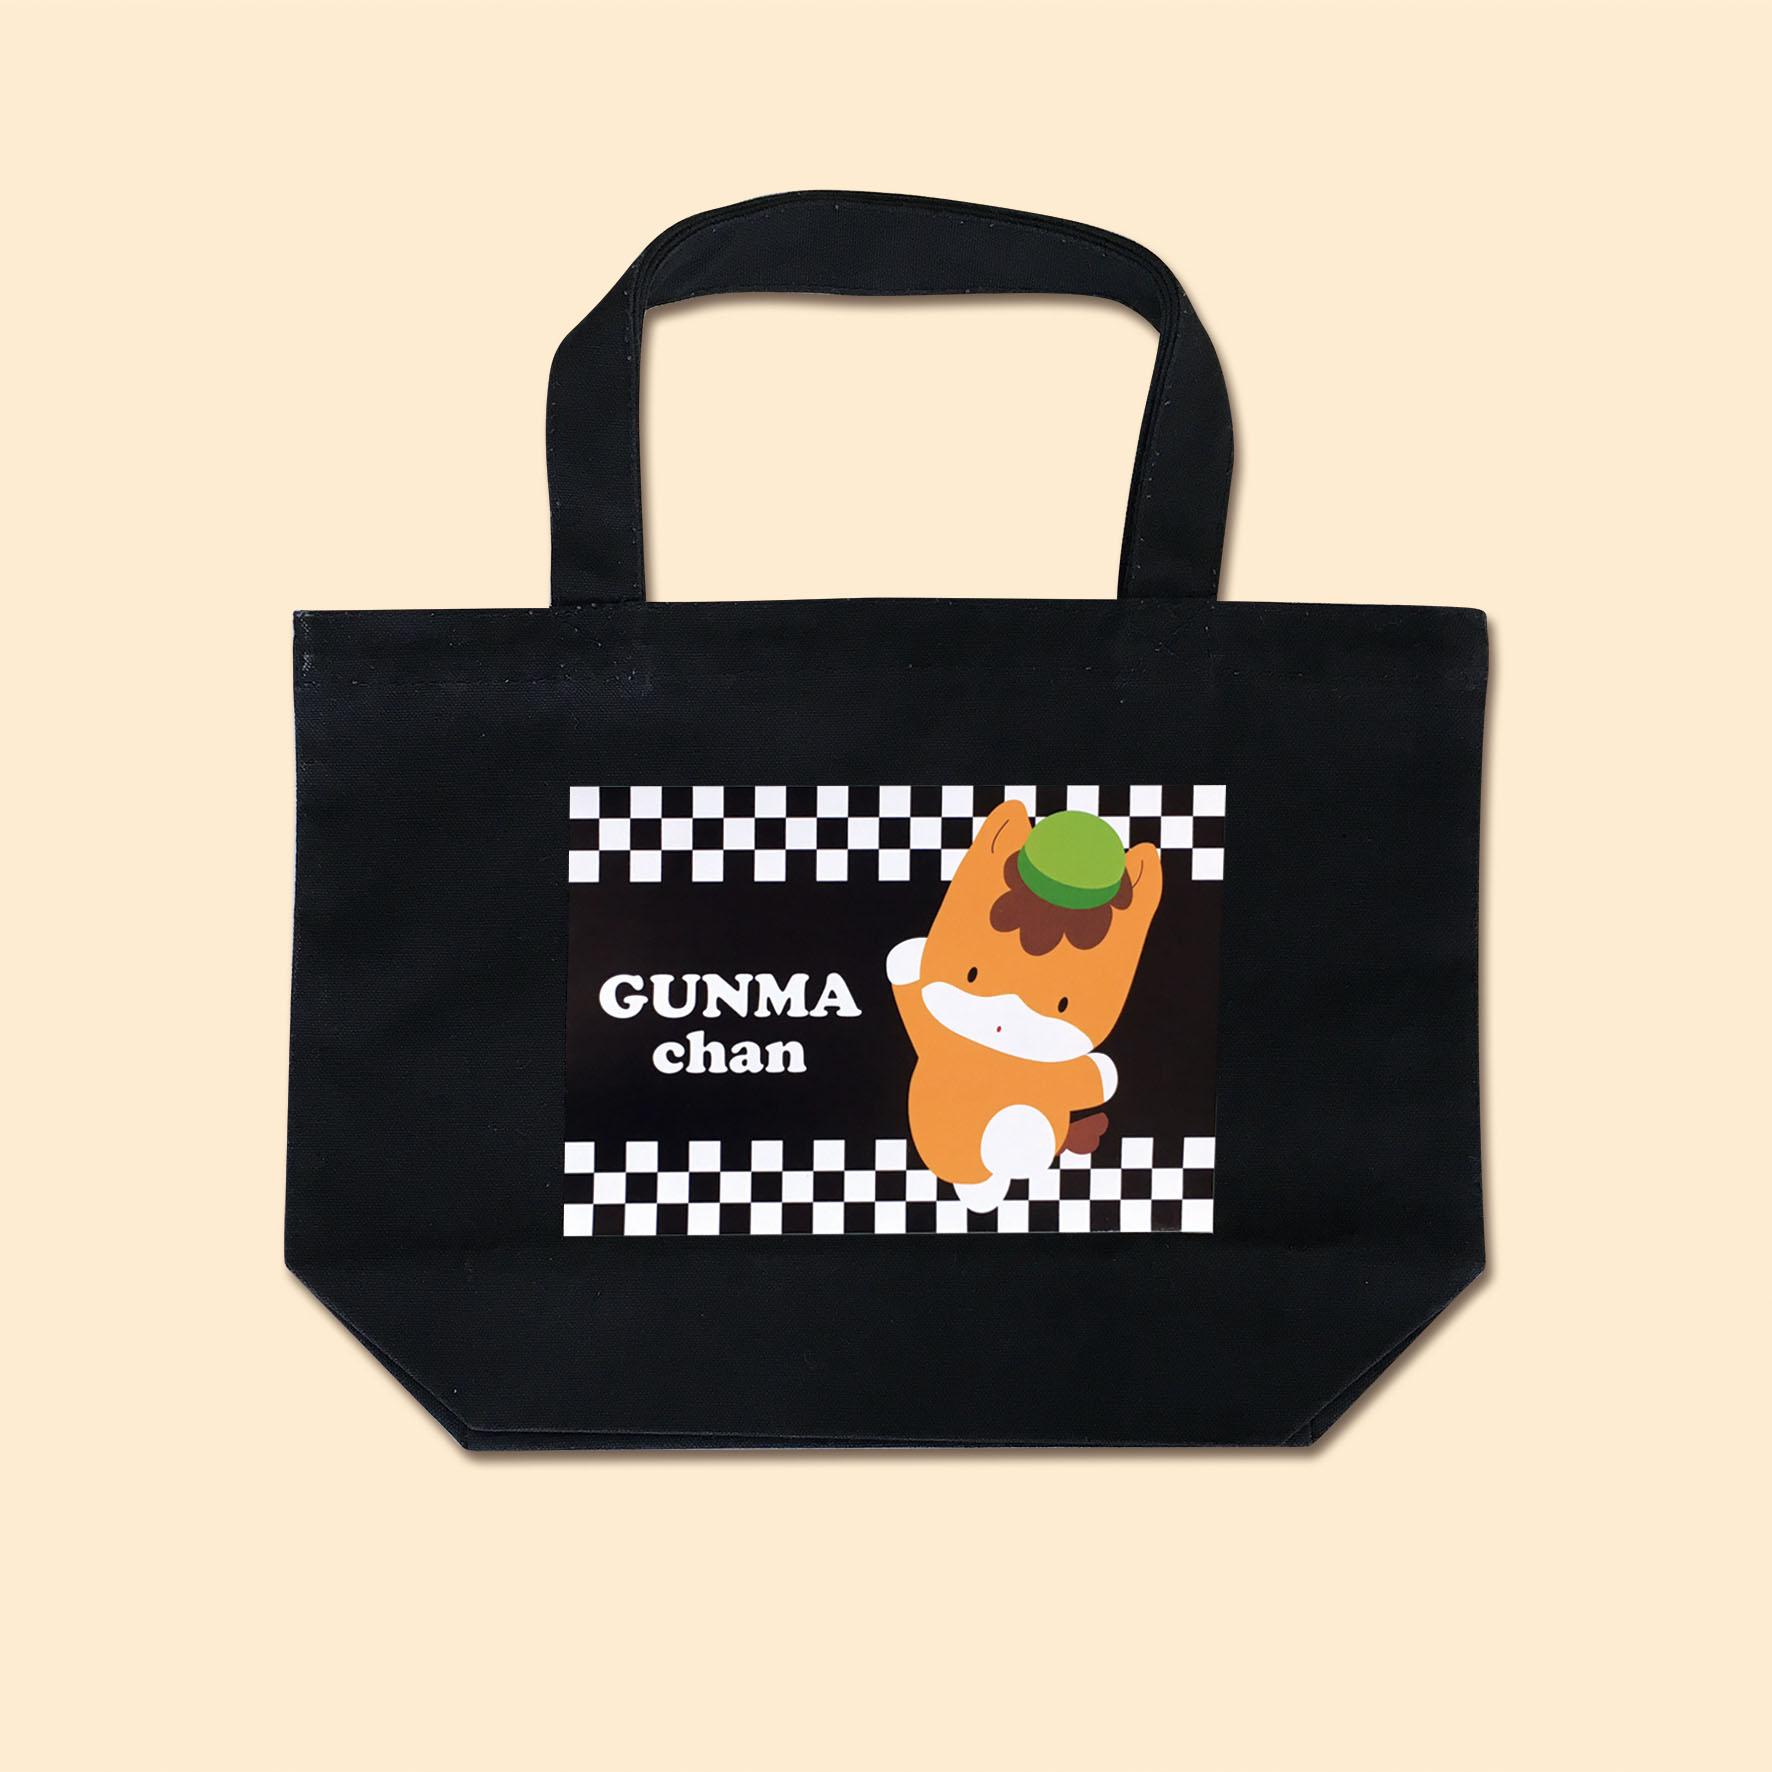 【お買い物に♪】ぐんまちゃんトートバッグ(黒)